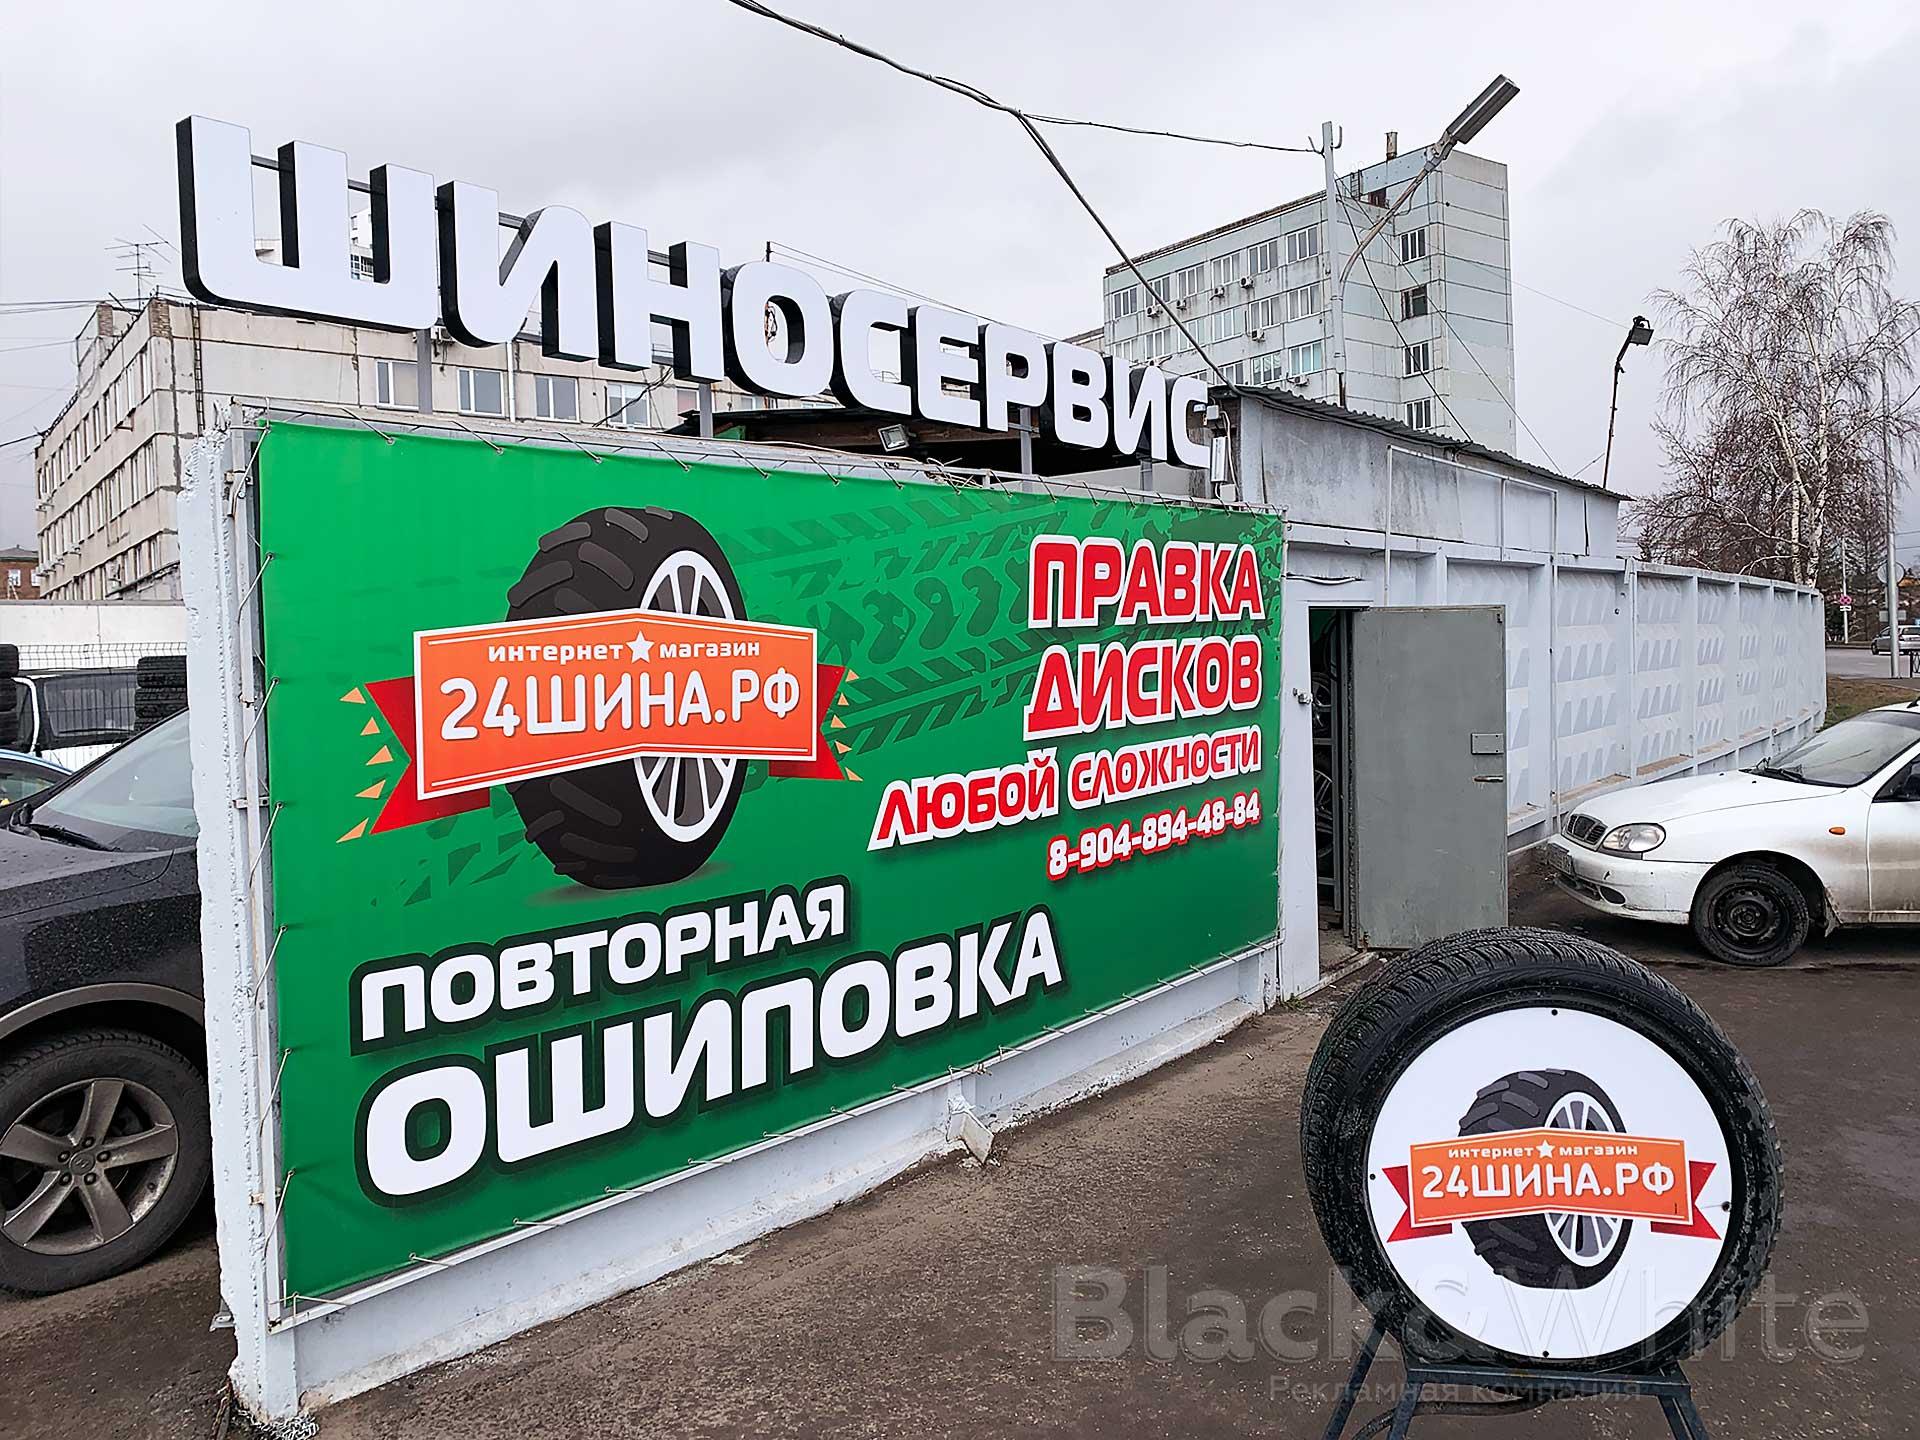 Световая-вывеска-для-шиносервиса-объёмные-буквы-шиносервис-изготовление-в-Красноярске.jpg